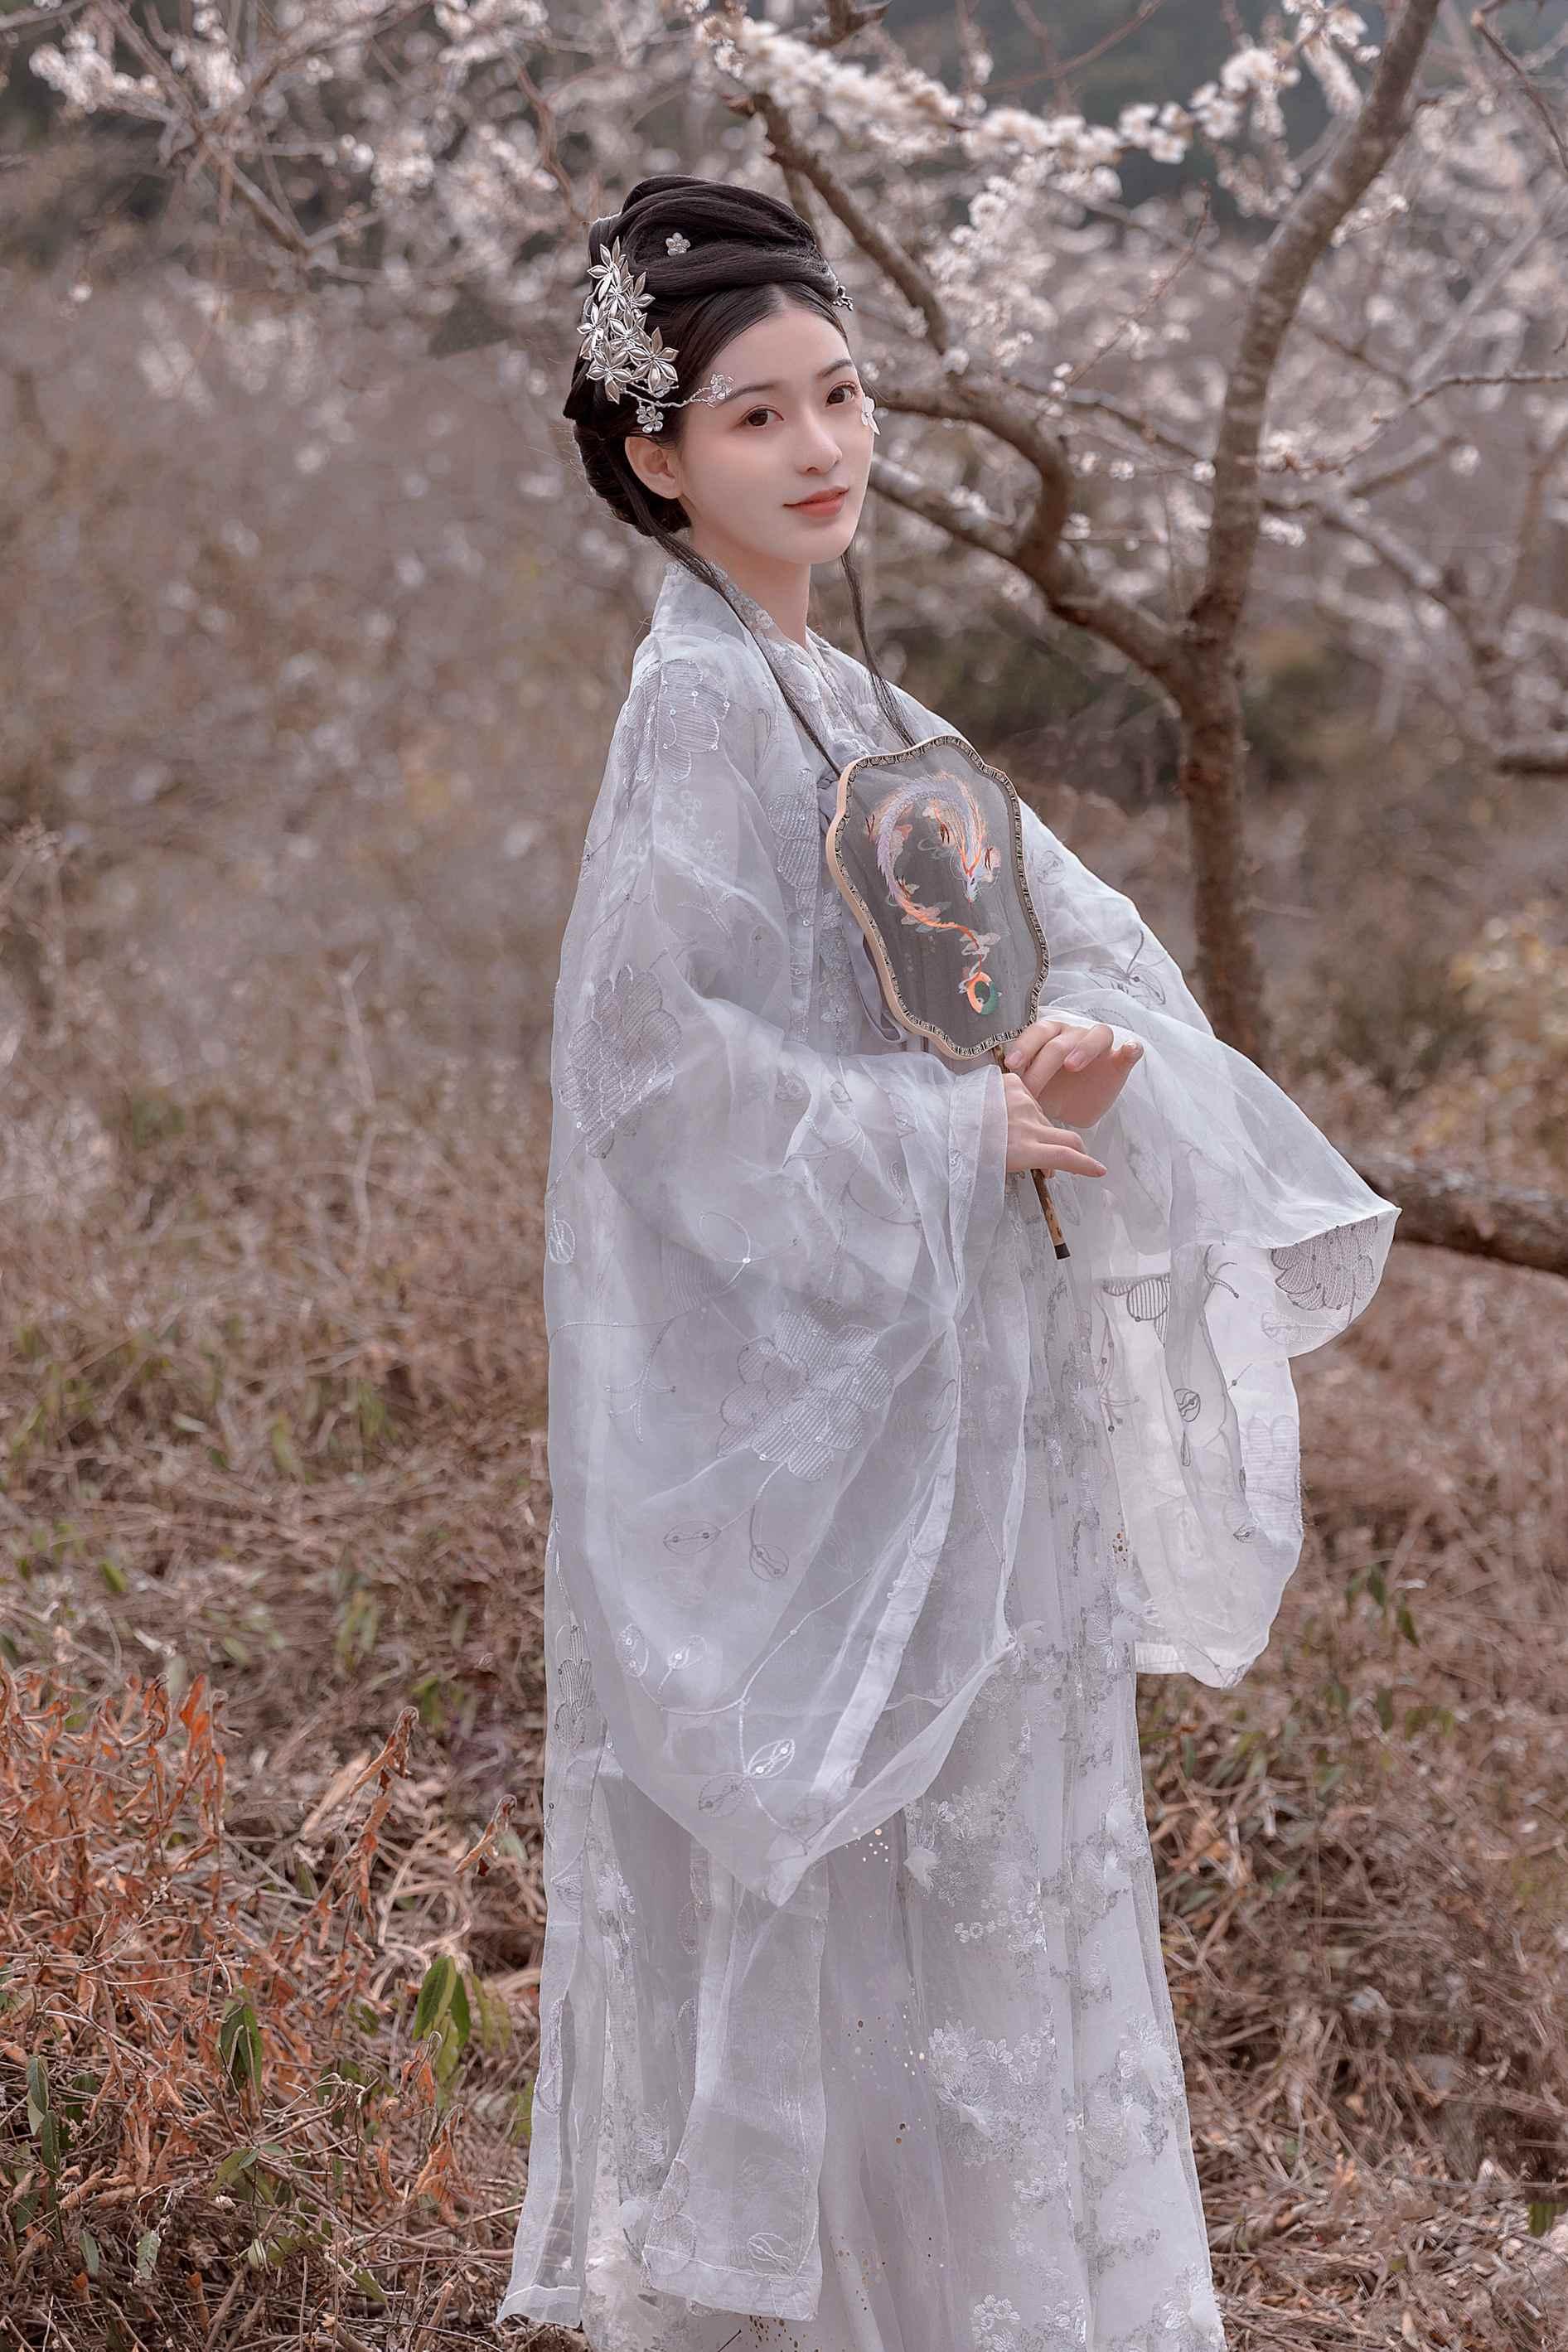 MIRD-142酷似泷泽萝拉美女公主造型写真